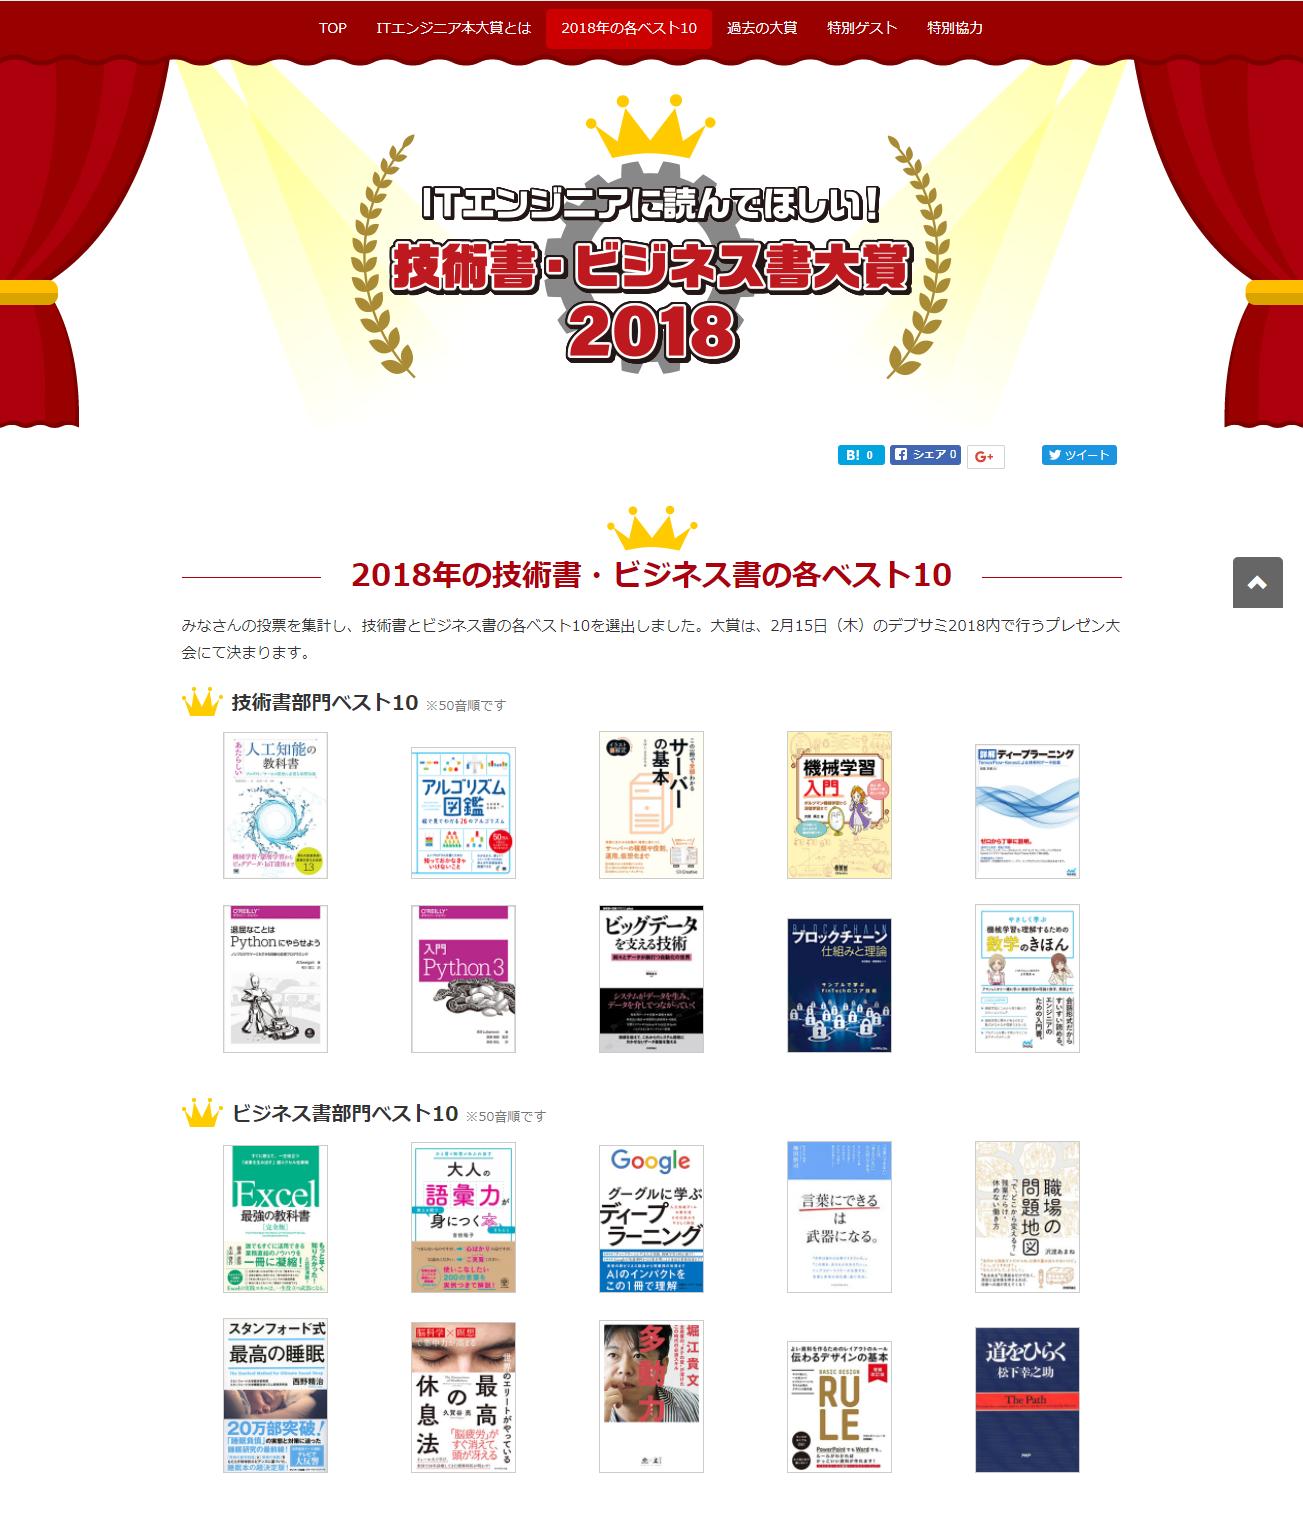 ITエンジニア本大賞 2018 技術書・ビジネス書 ベスト10